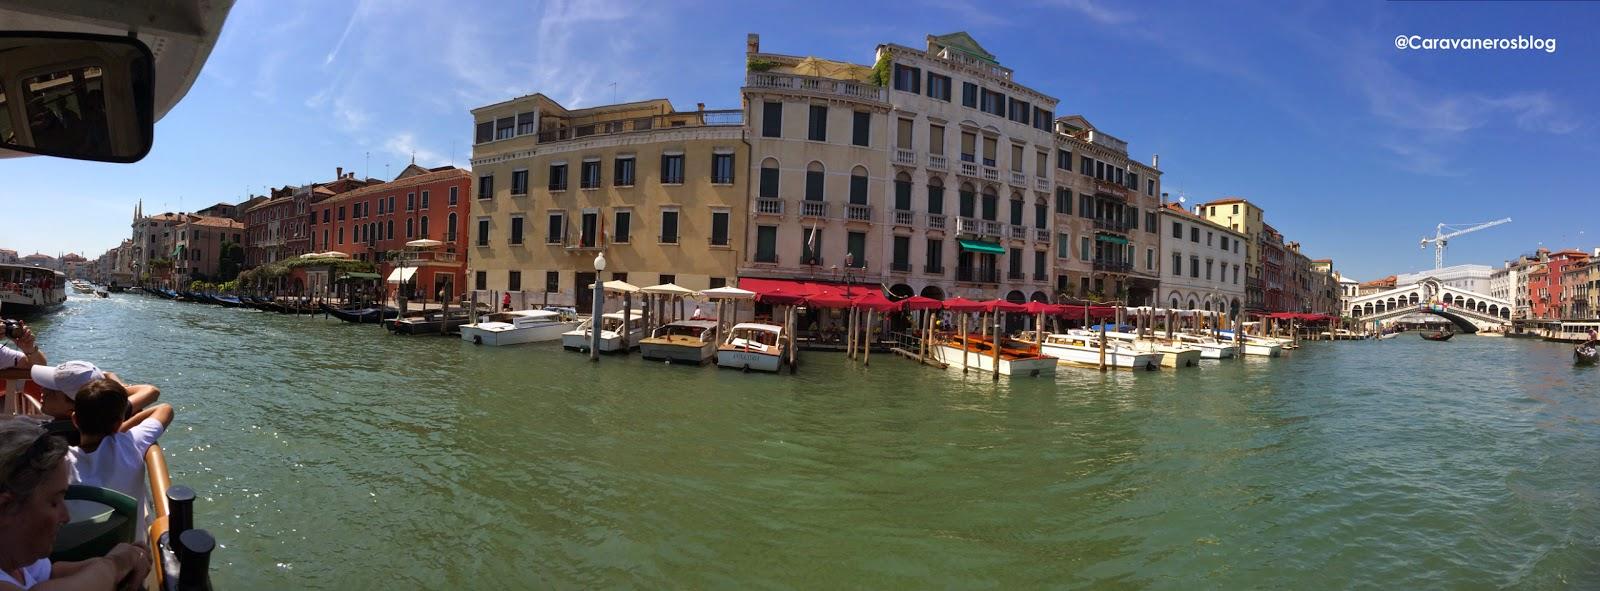 Foto Panorámica de Venecia | caravaneros.com